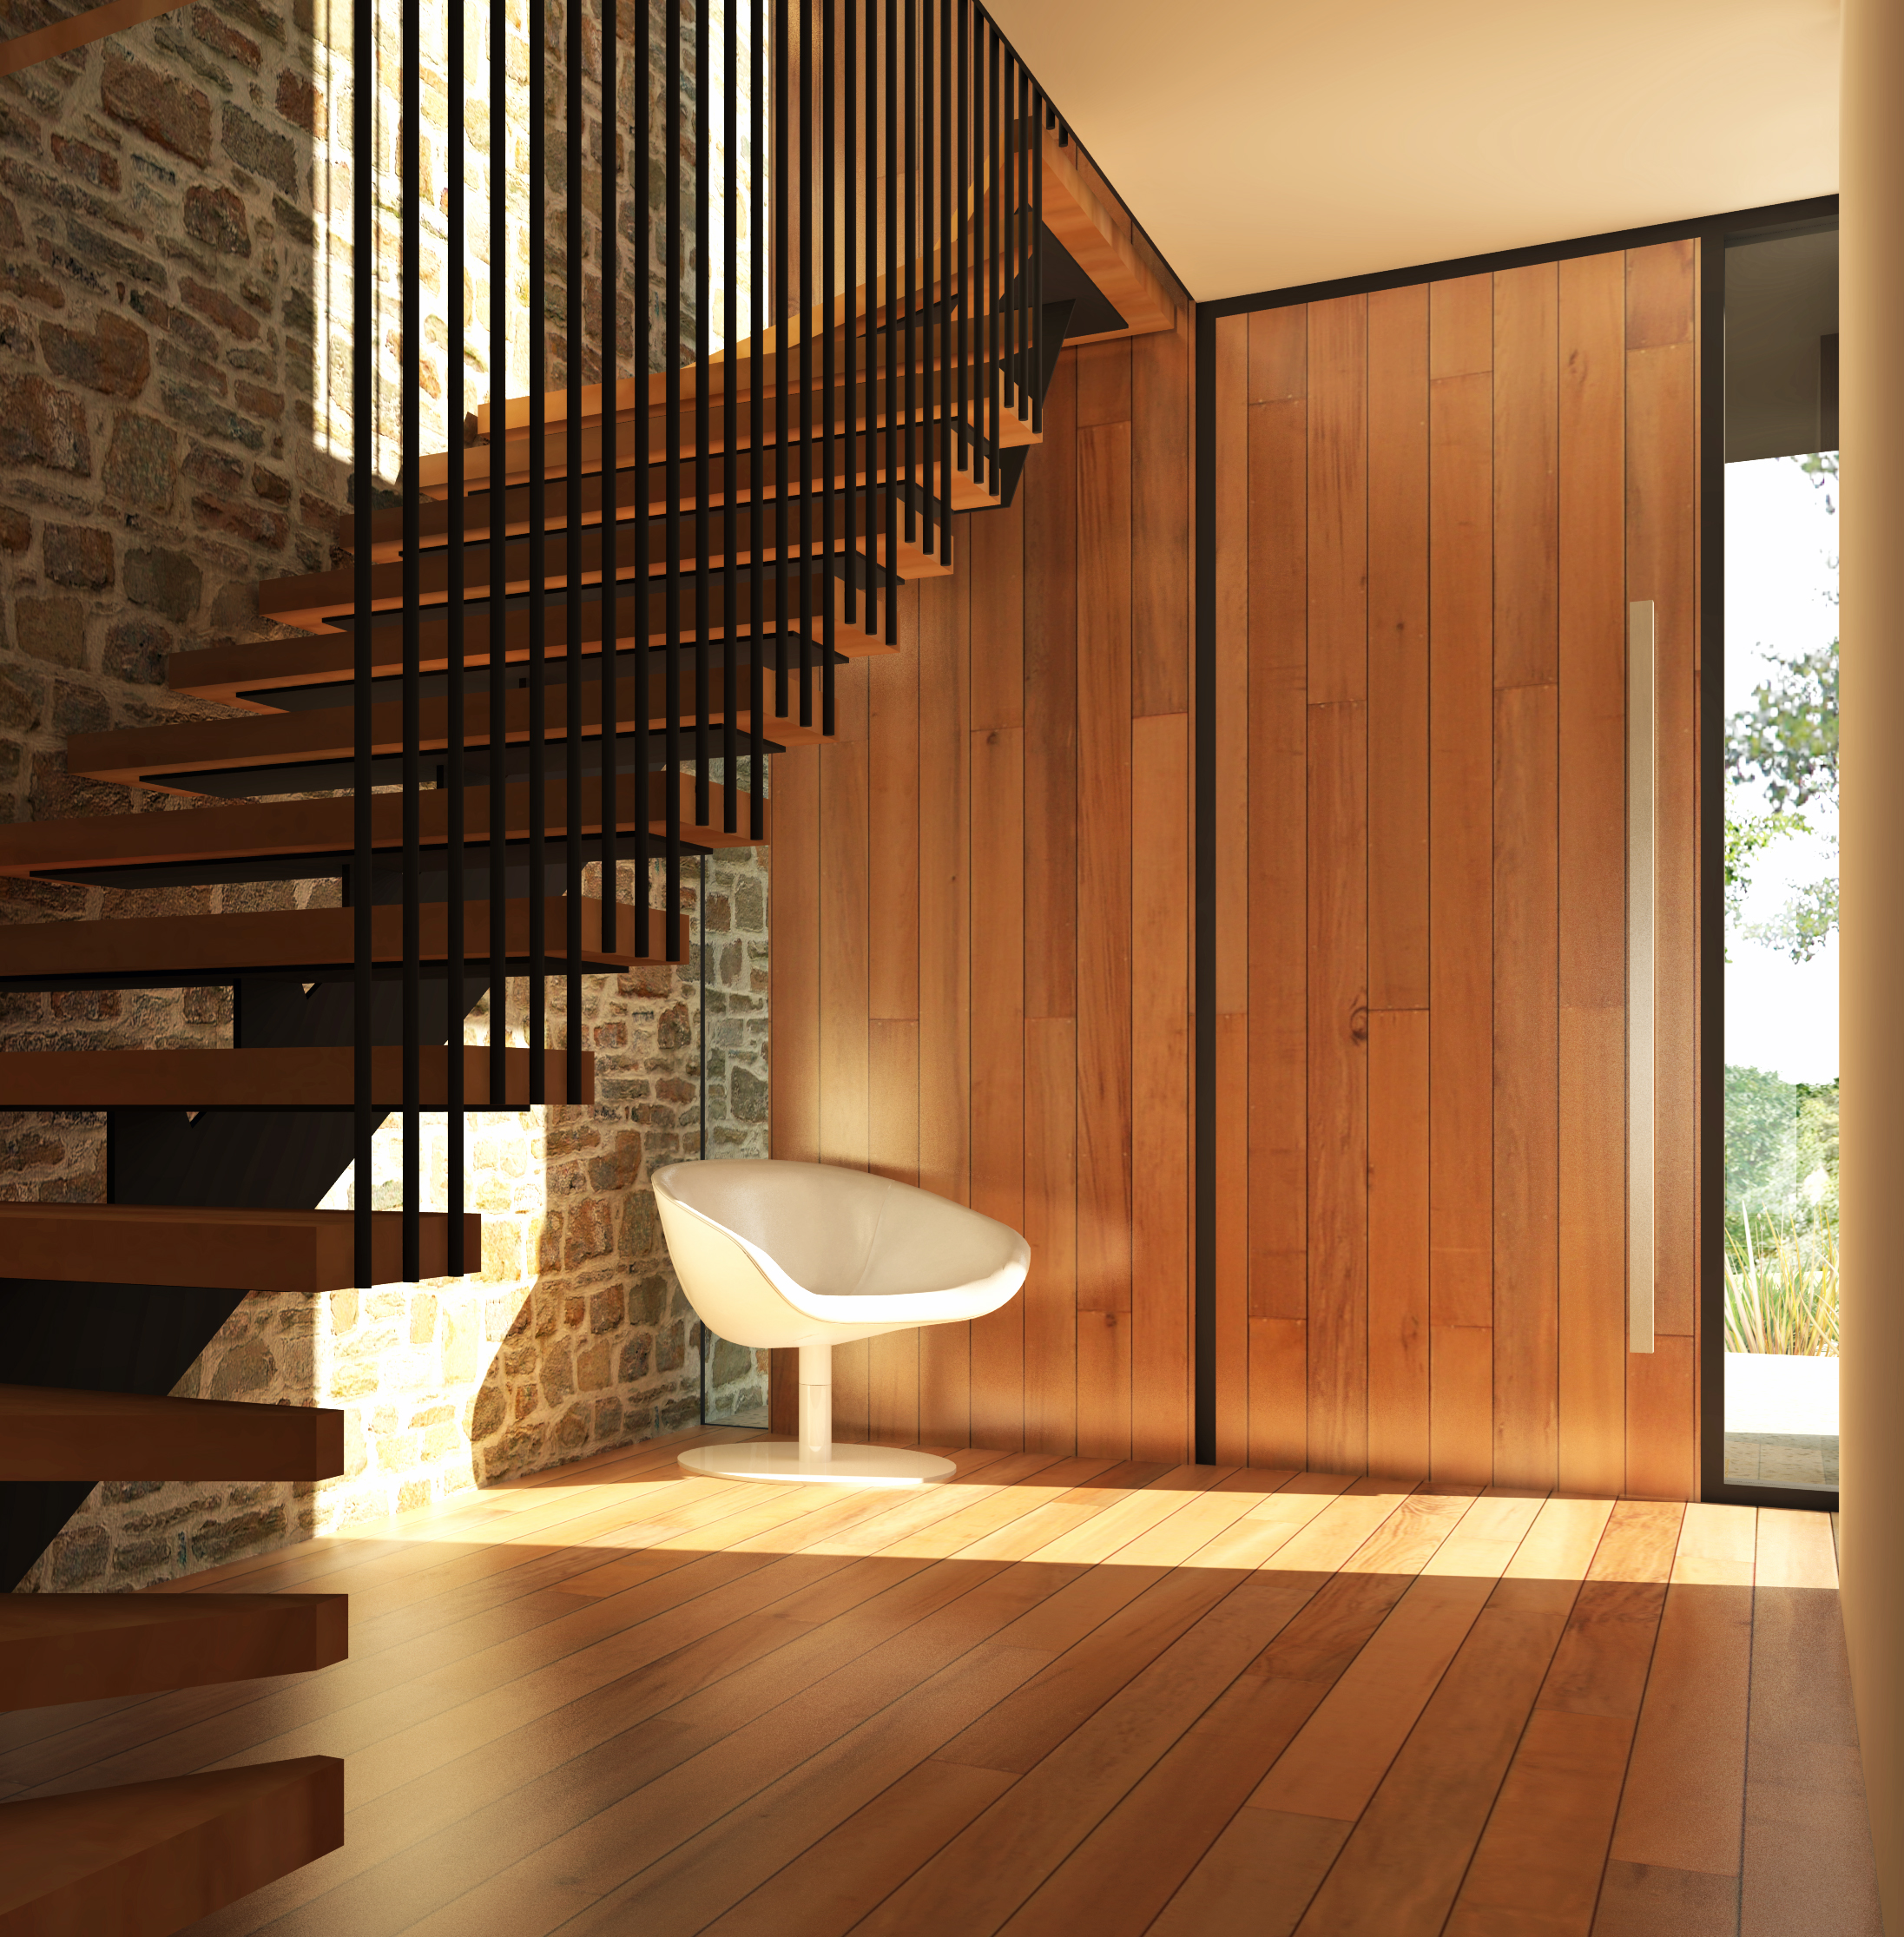 render-stair-1-cropped.jpg